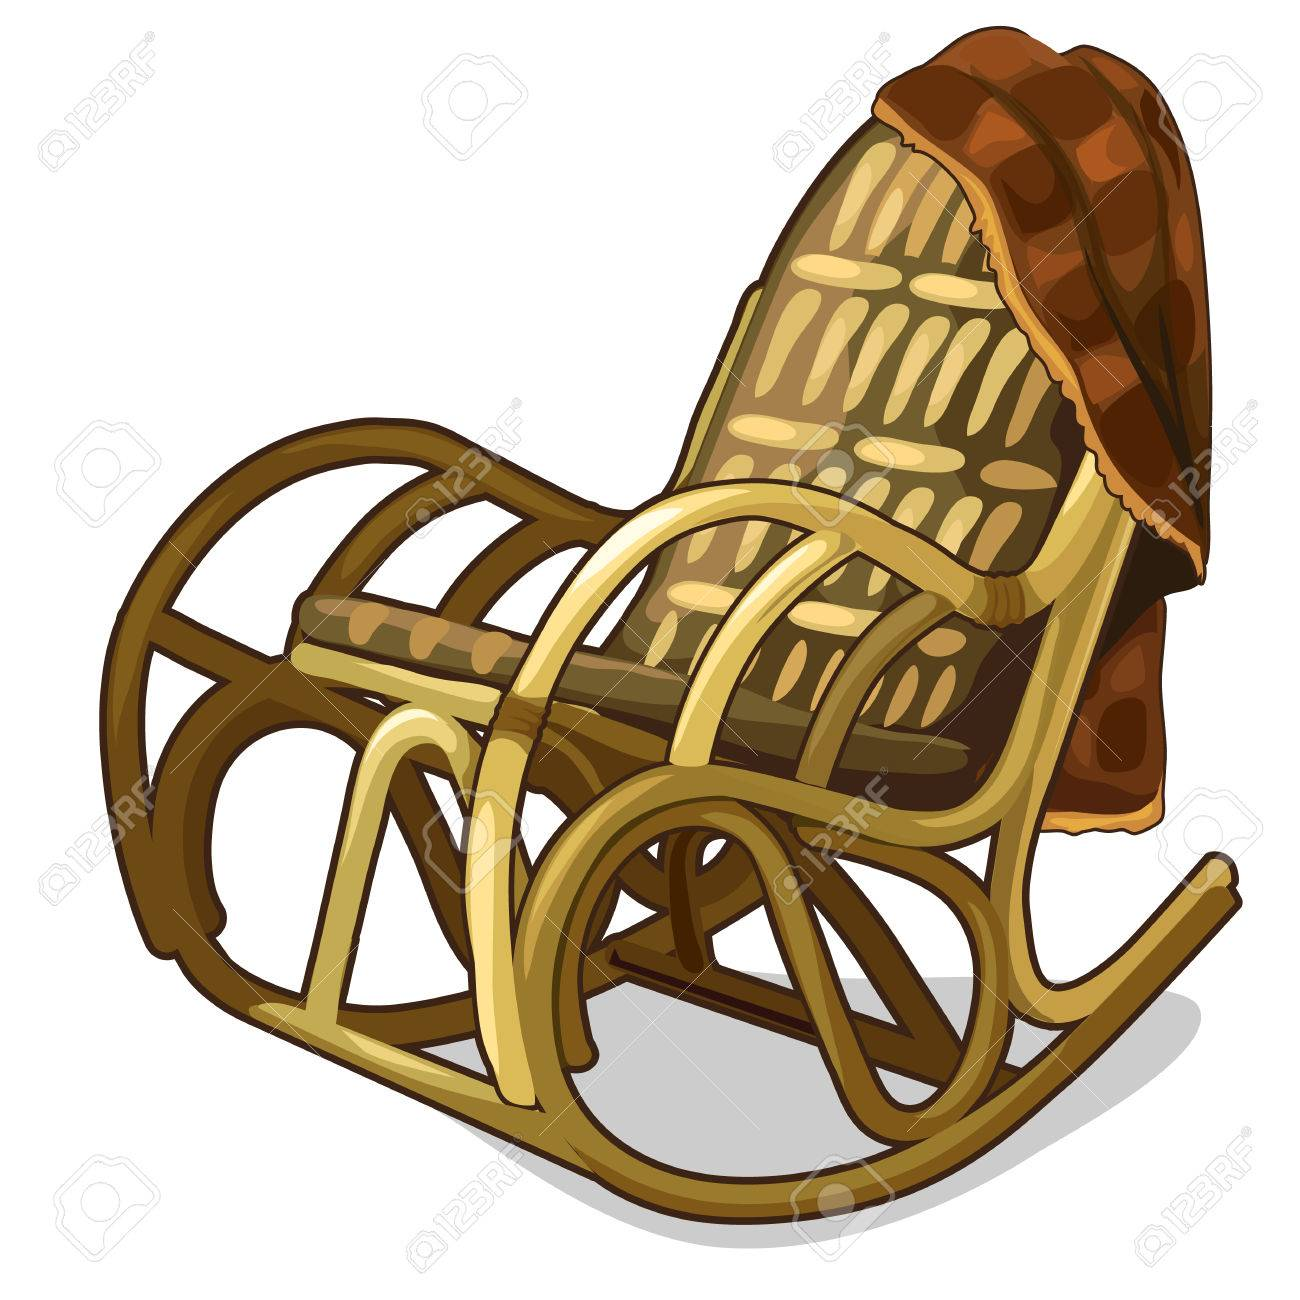 Chaise A Bascule Confortable Vintage Avec Couverture Illustration